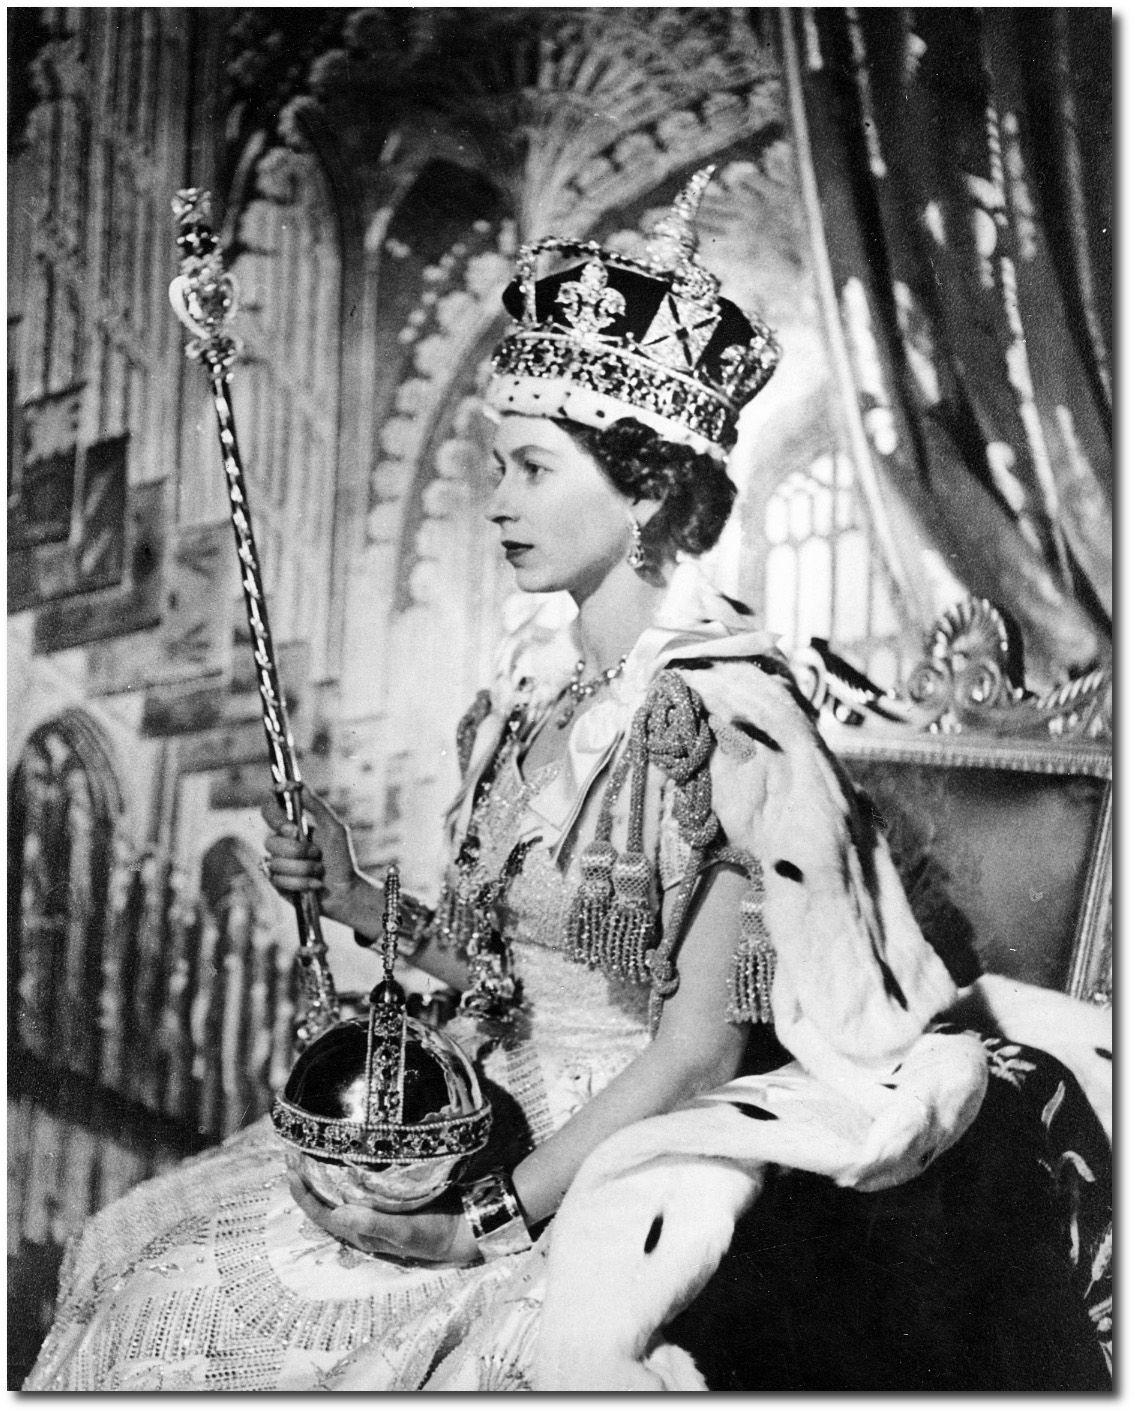 Queen Elizabeth II 1953 Coronation portrait (With images